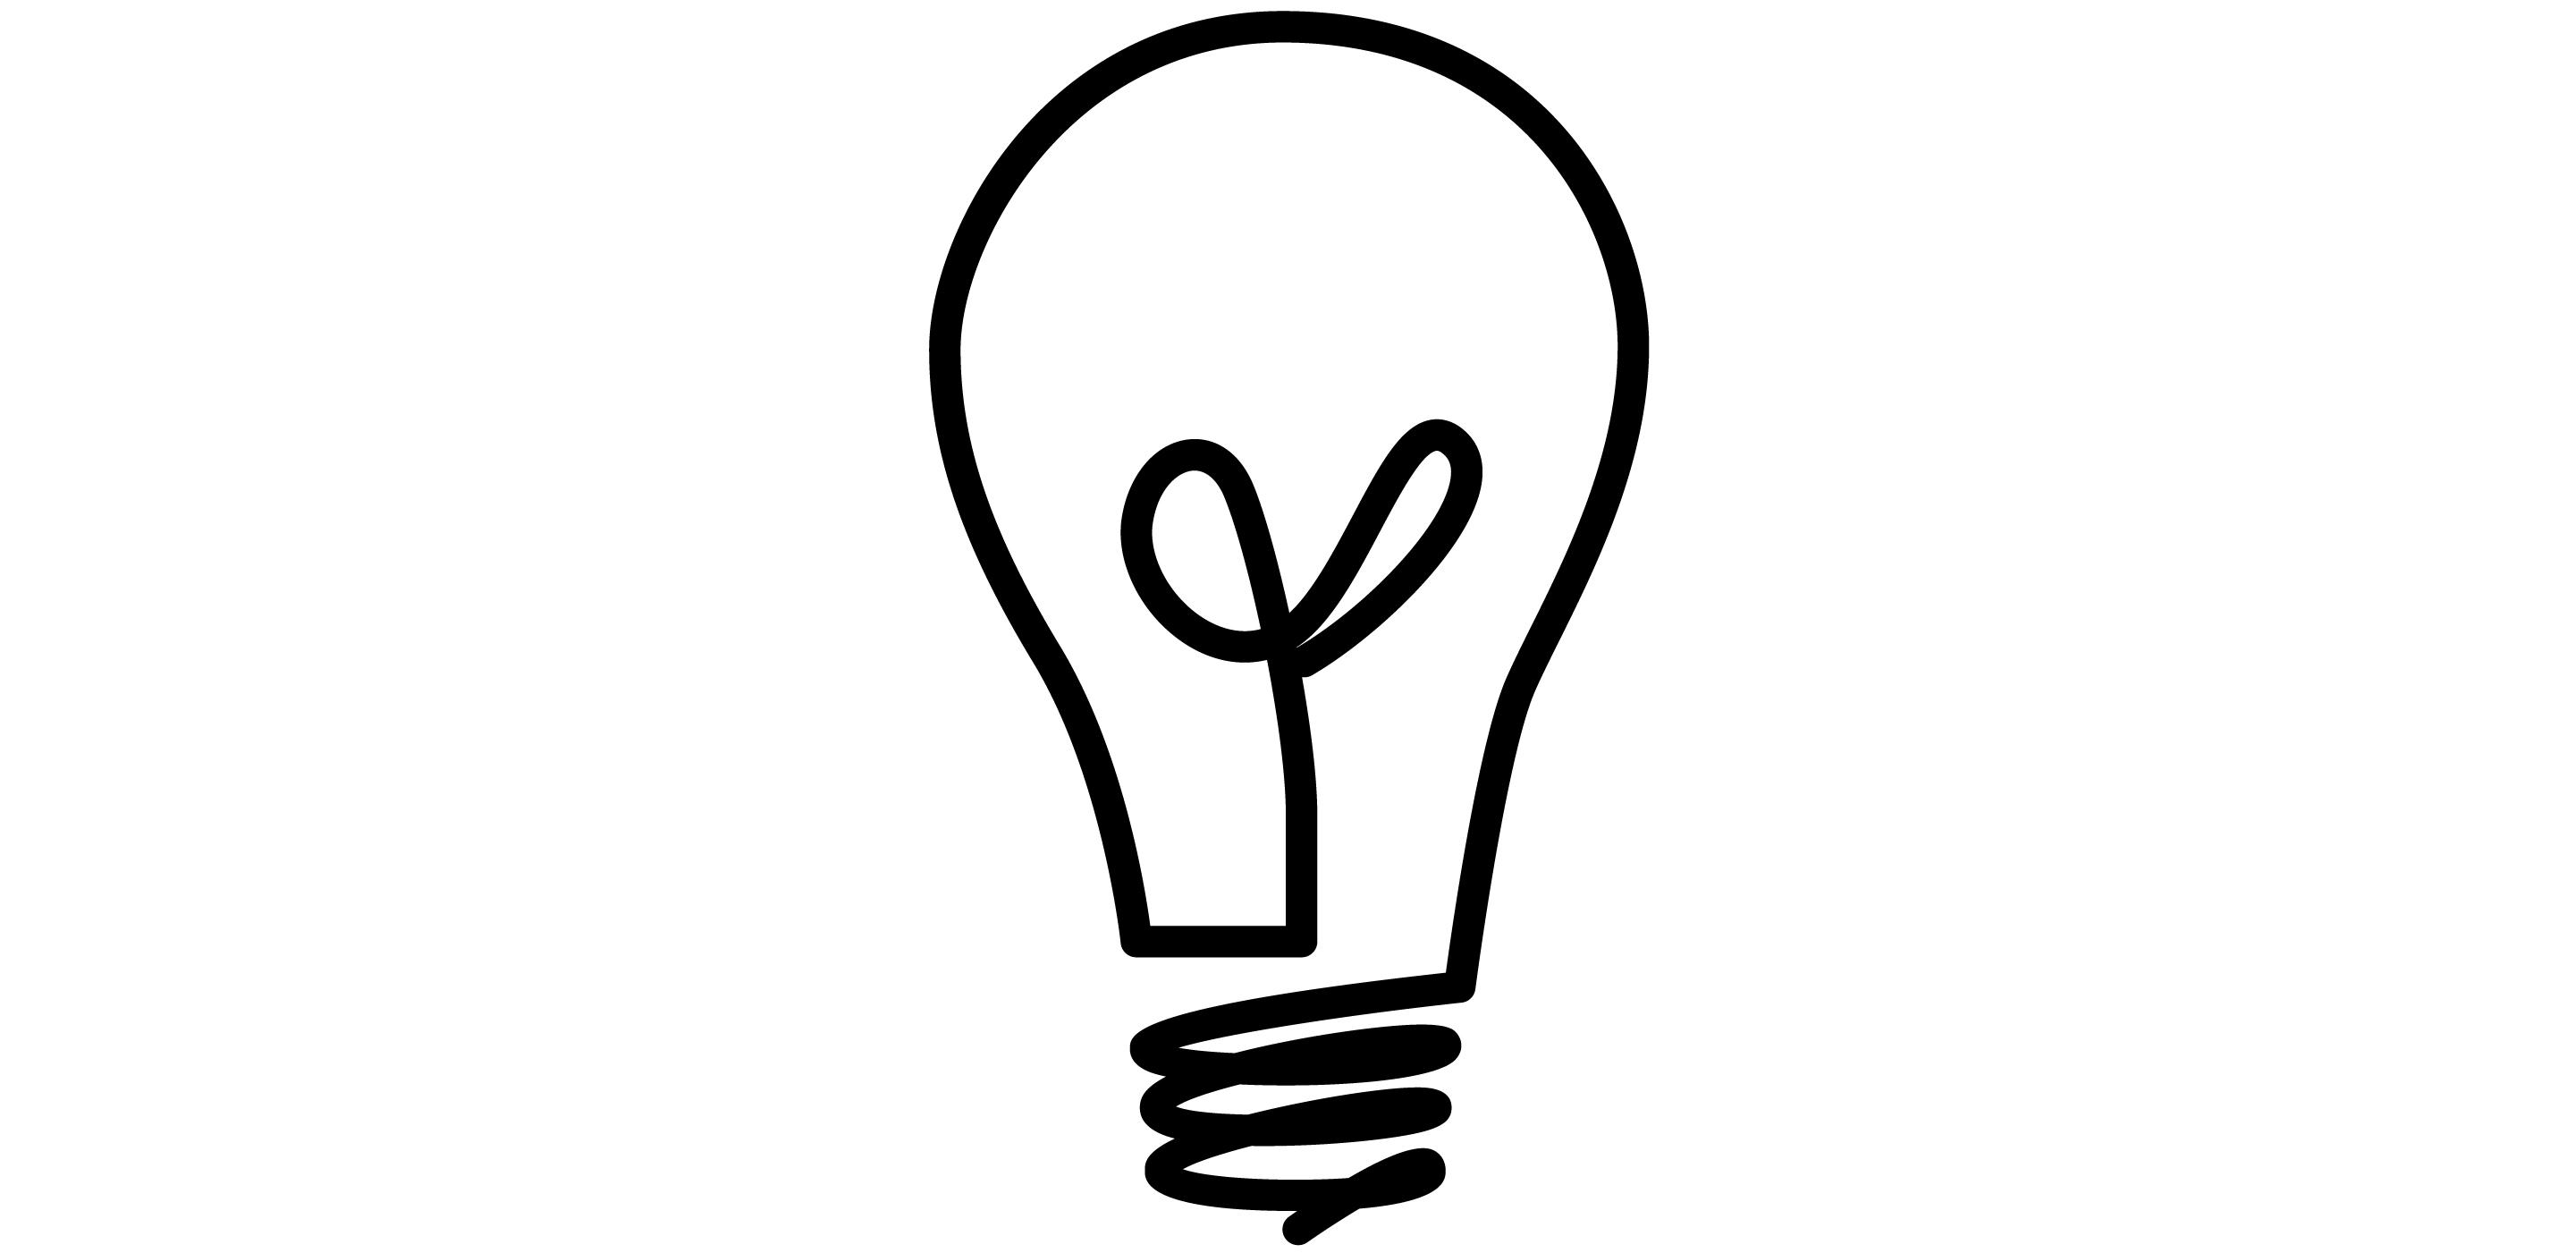 Lightbulb light bulb clipart free clip art images image 1.